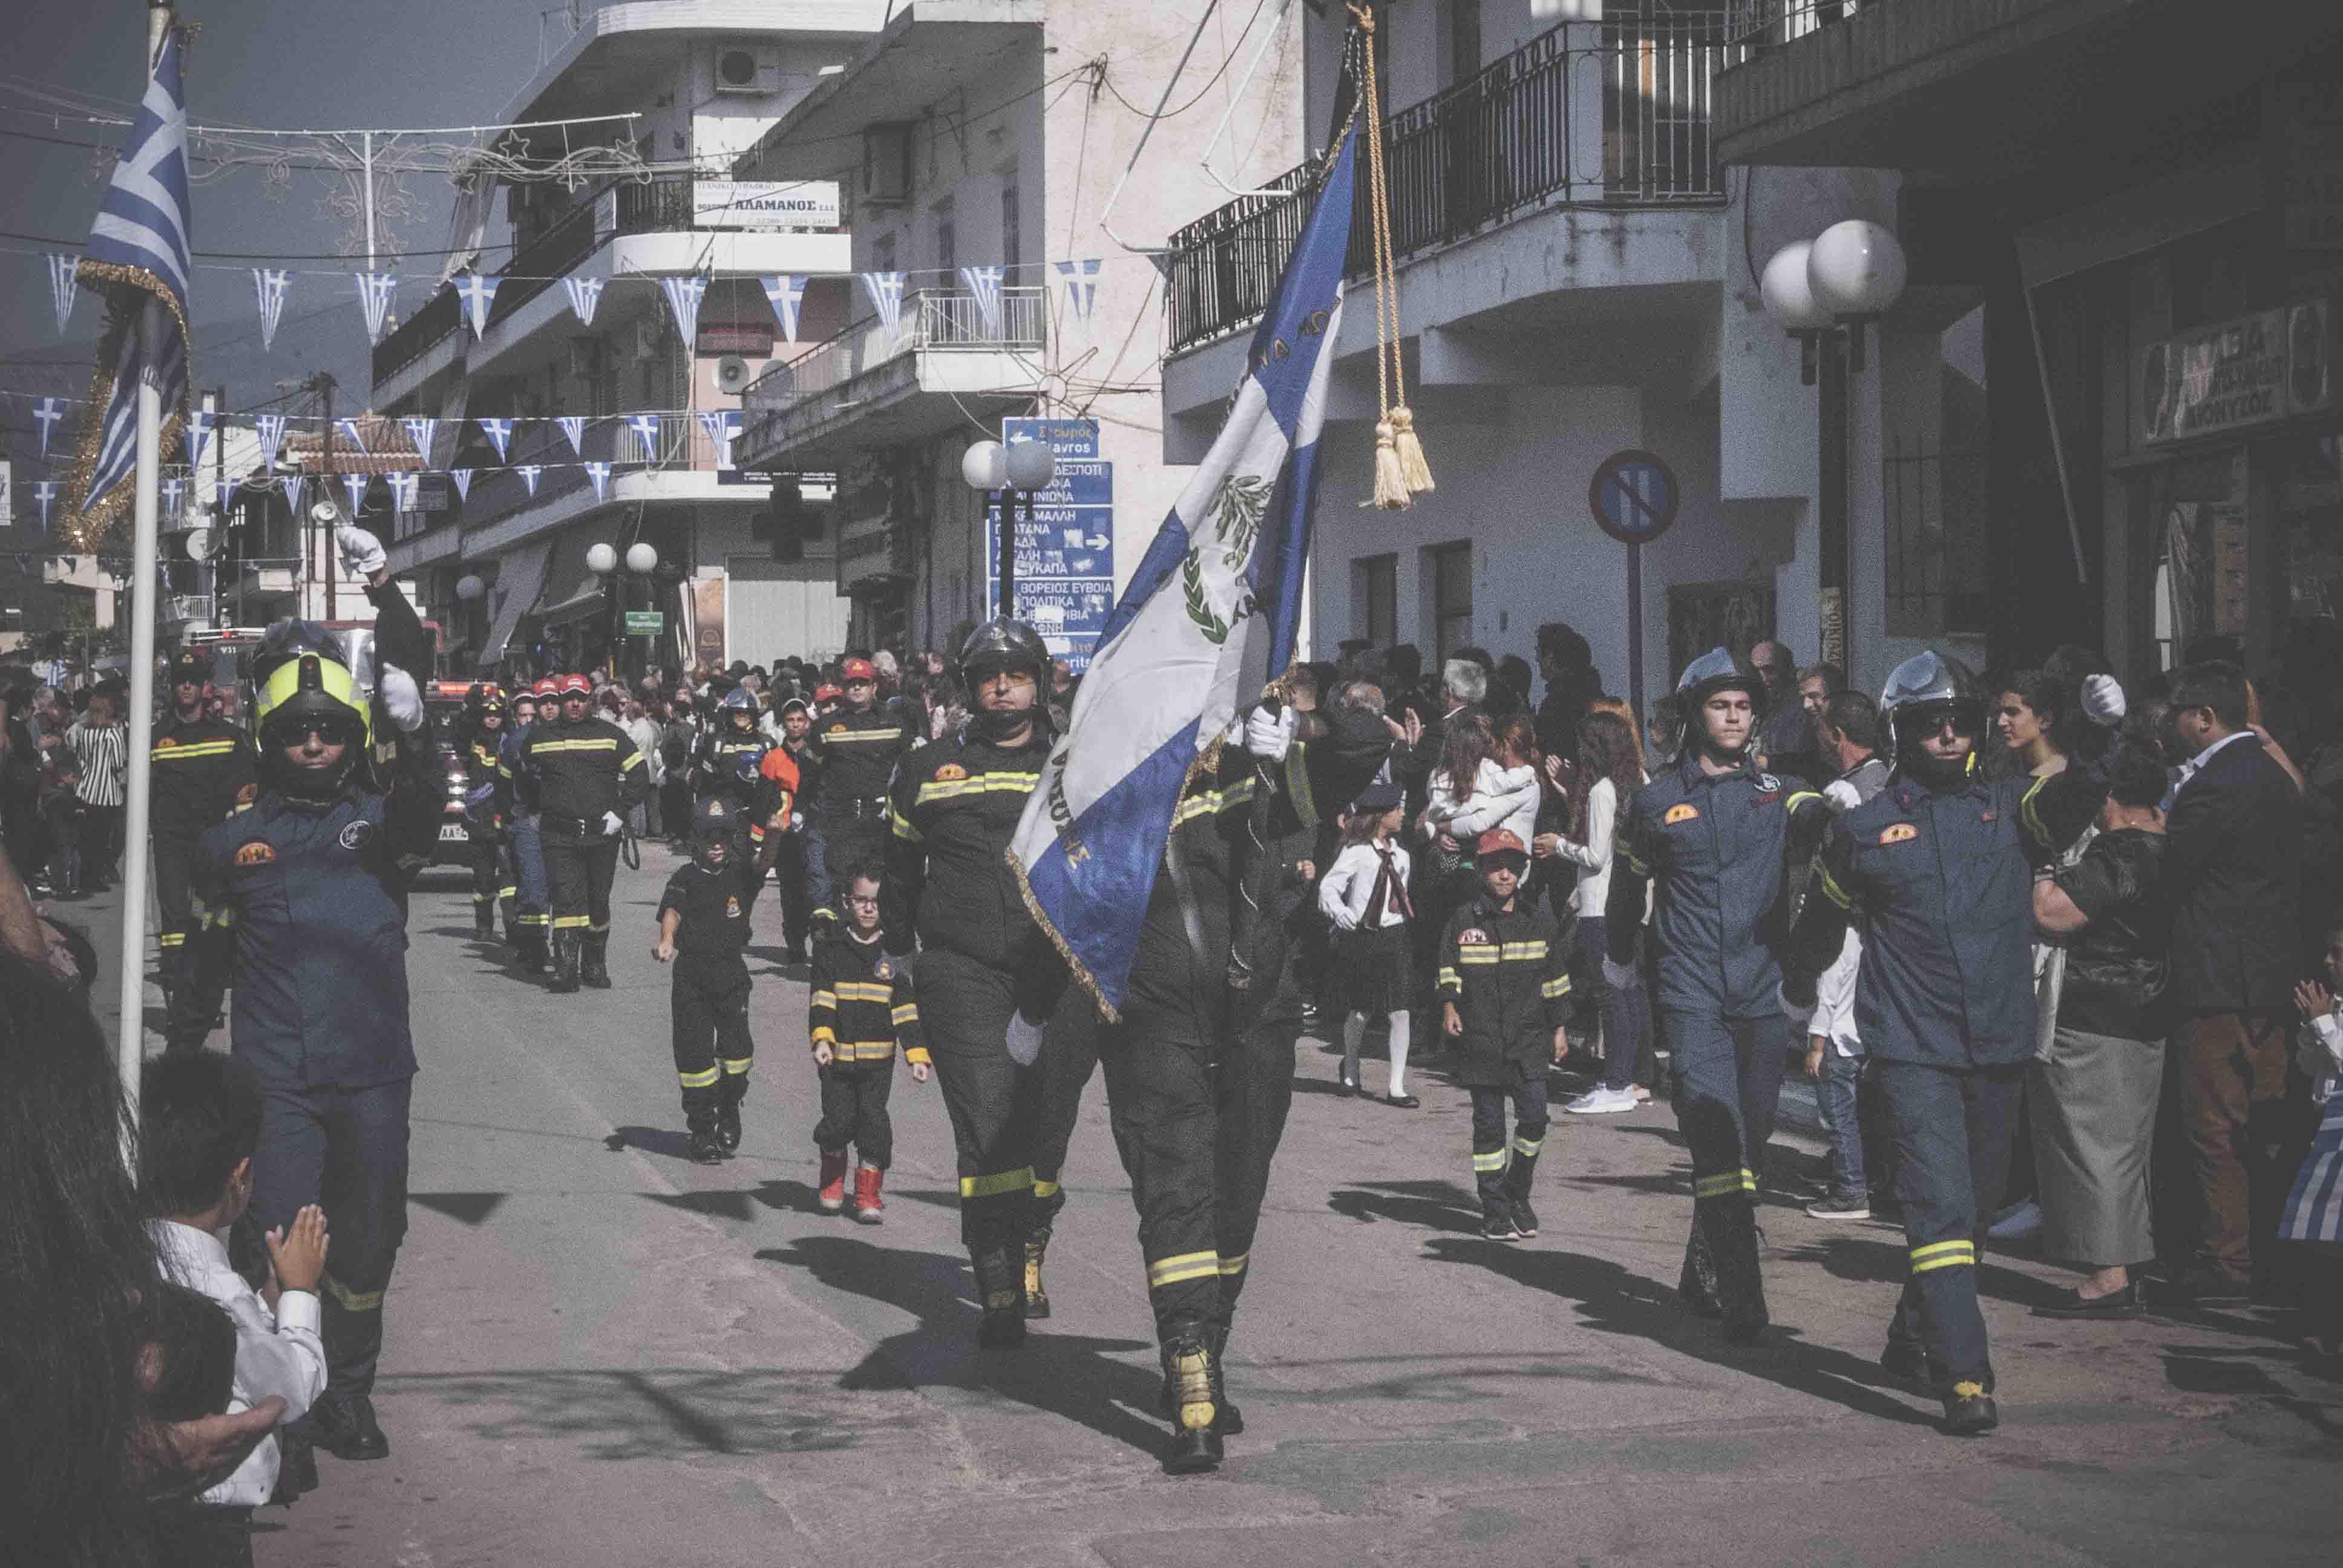 Η παρέλαση της 28ης Οκτωβρίου σε Καστέλλα και Ψαχνά (φωτό) DSC 0444